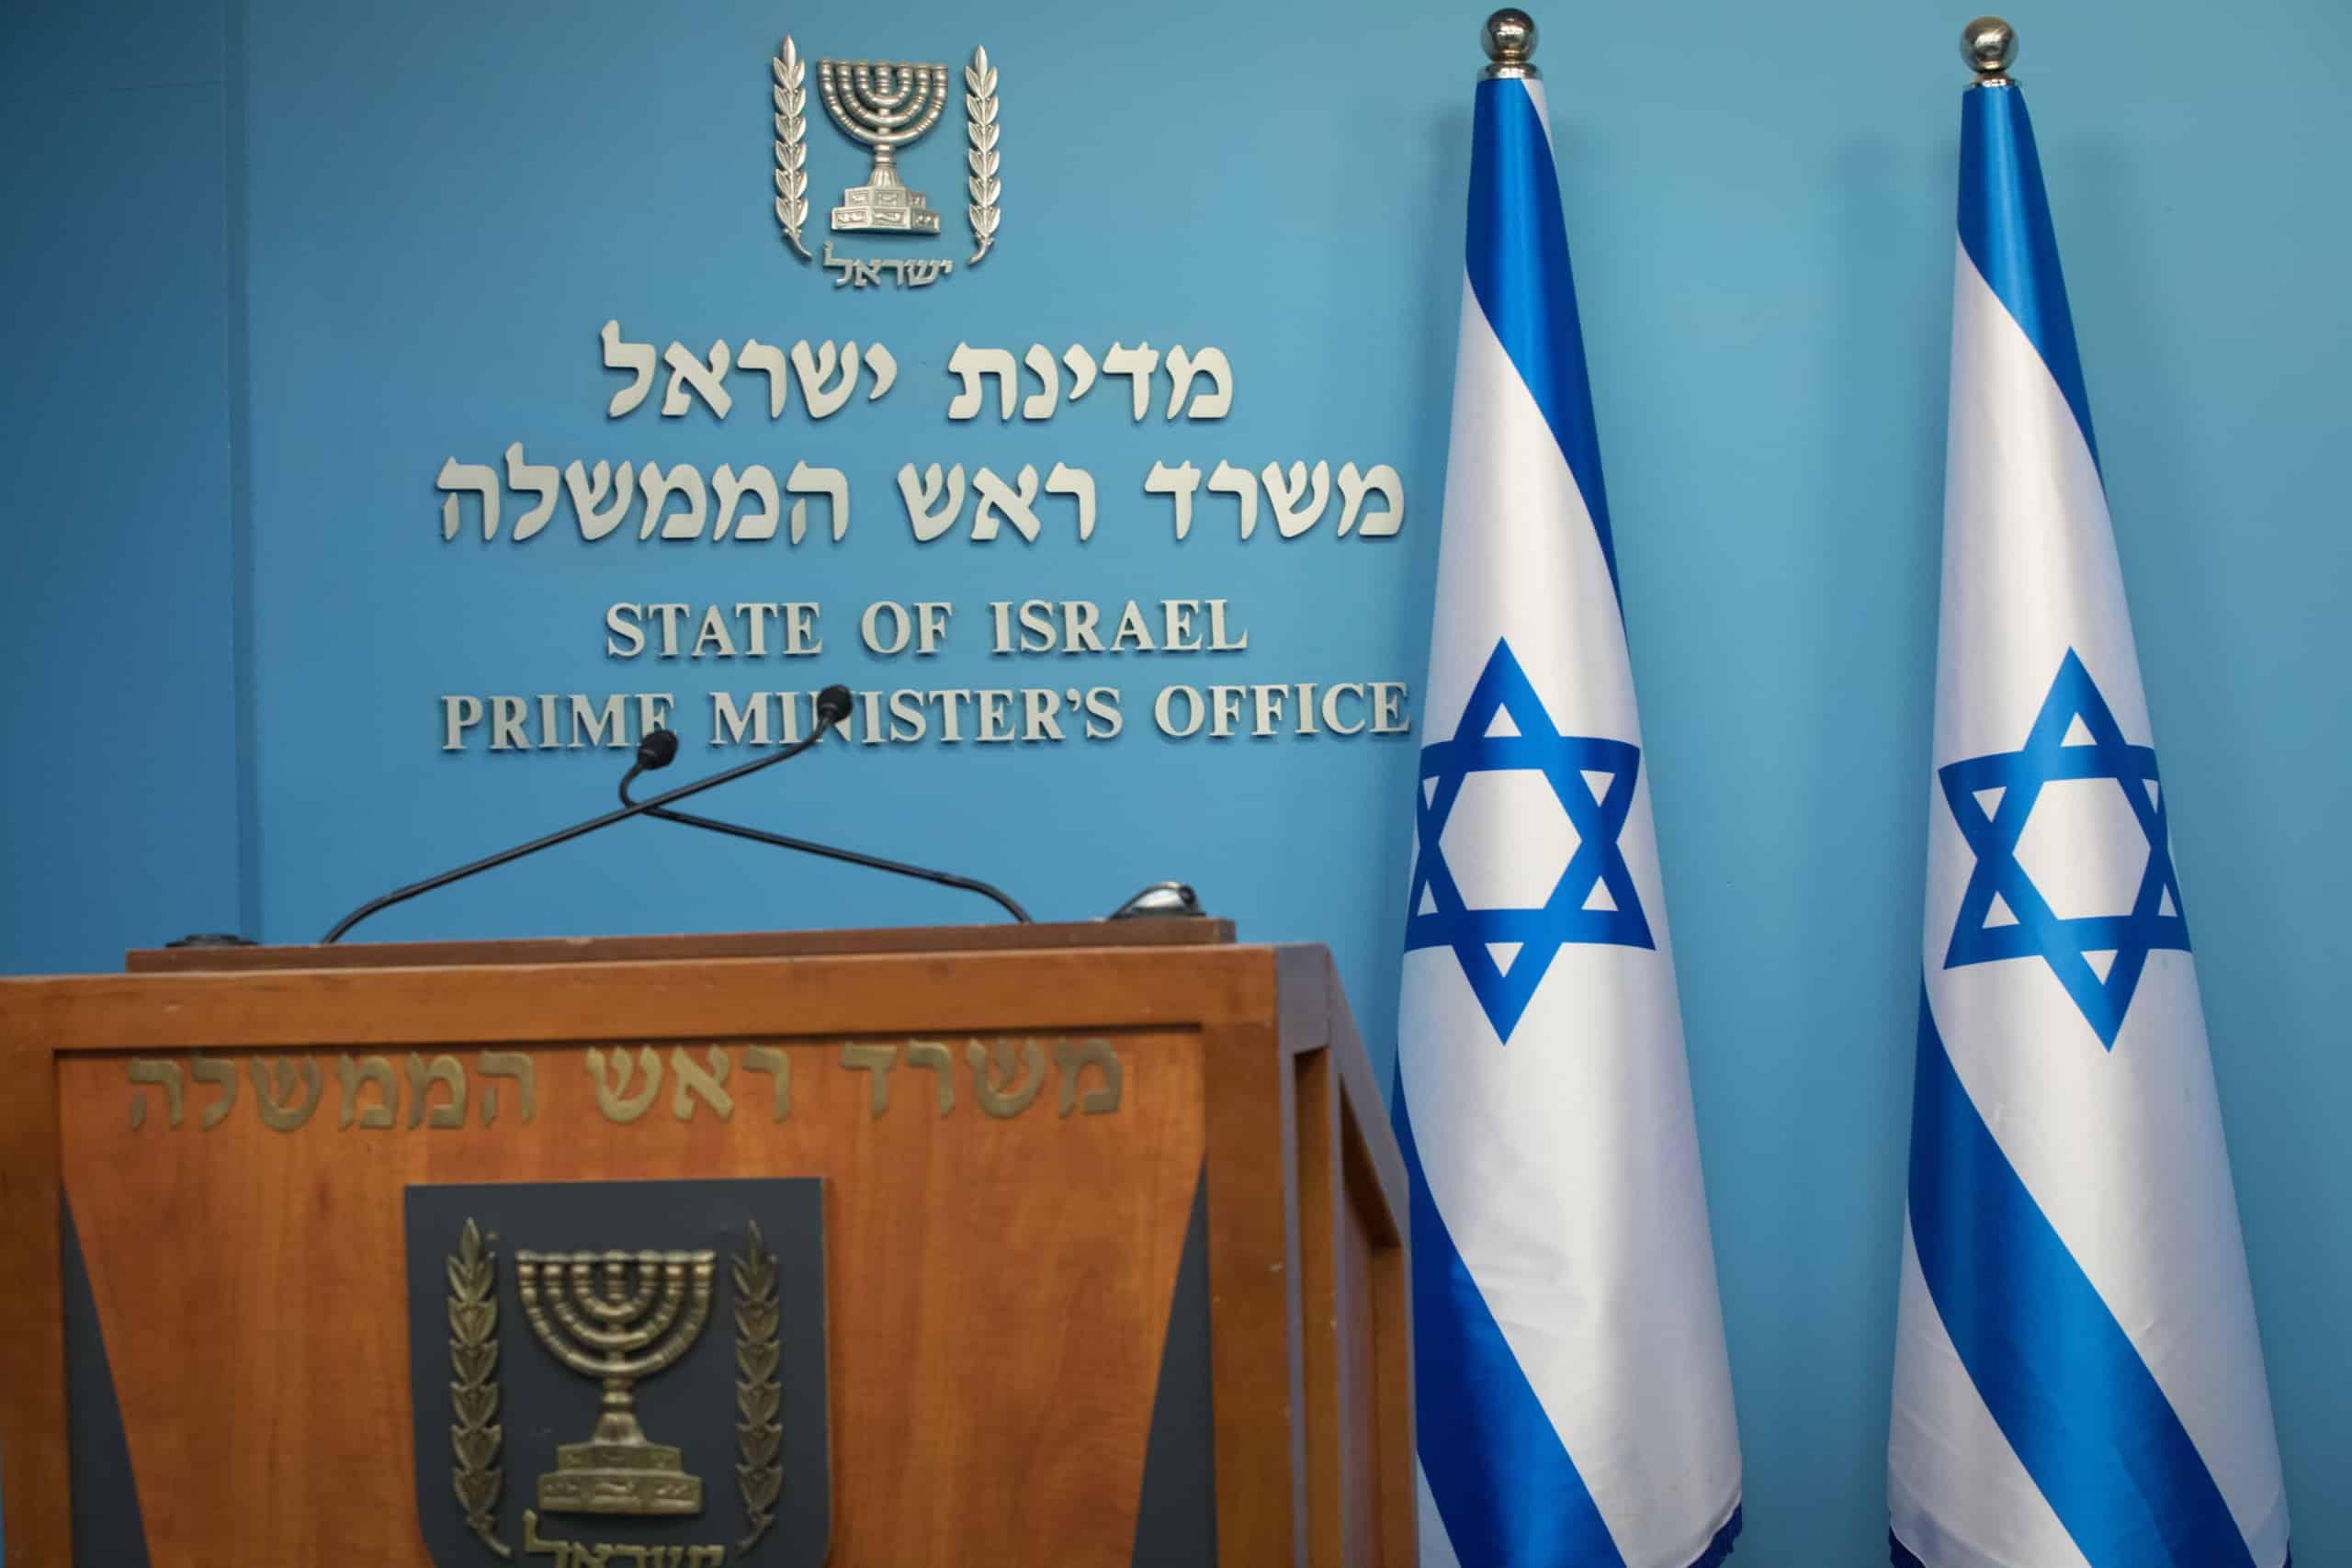 משרד ראש הממשלה | צילום: נועם רבקין פנטון לפלאש 90